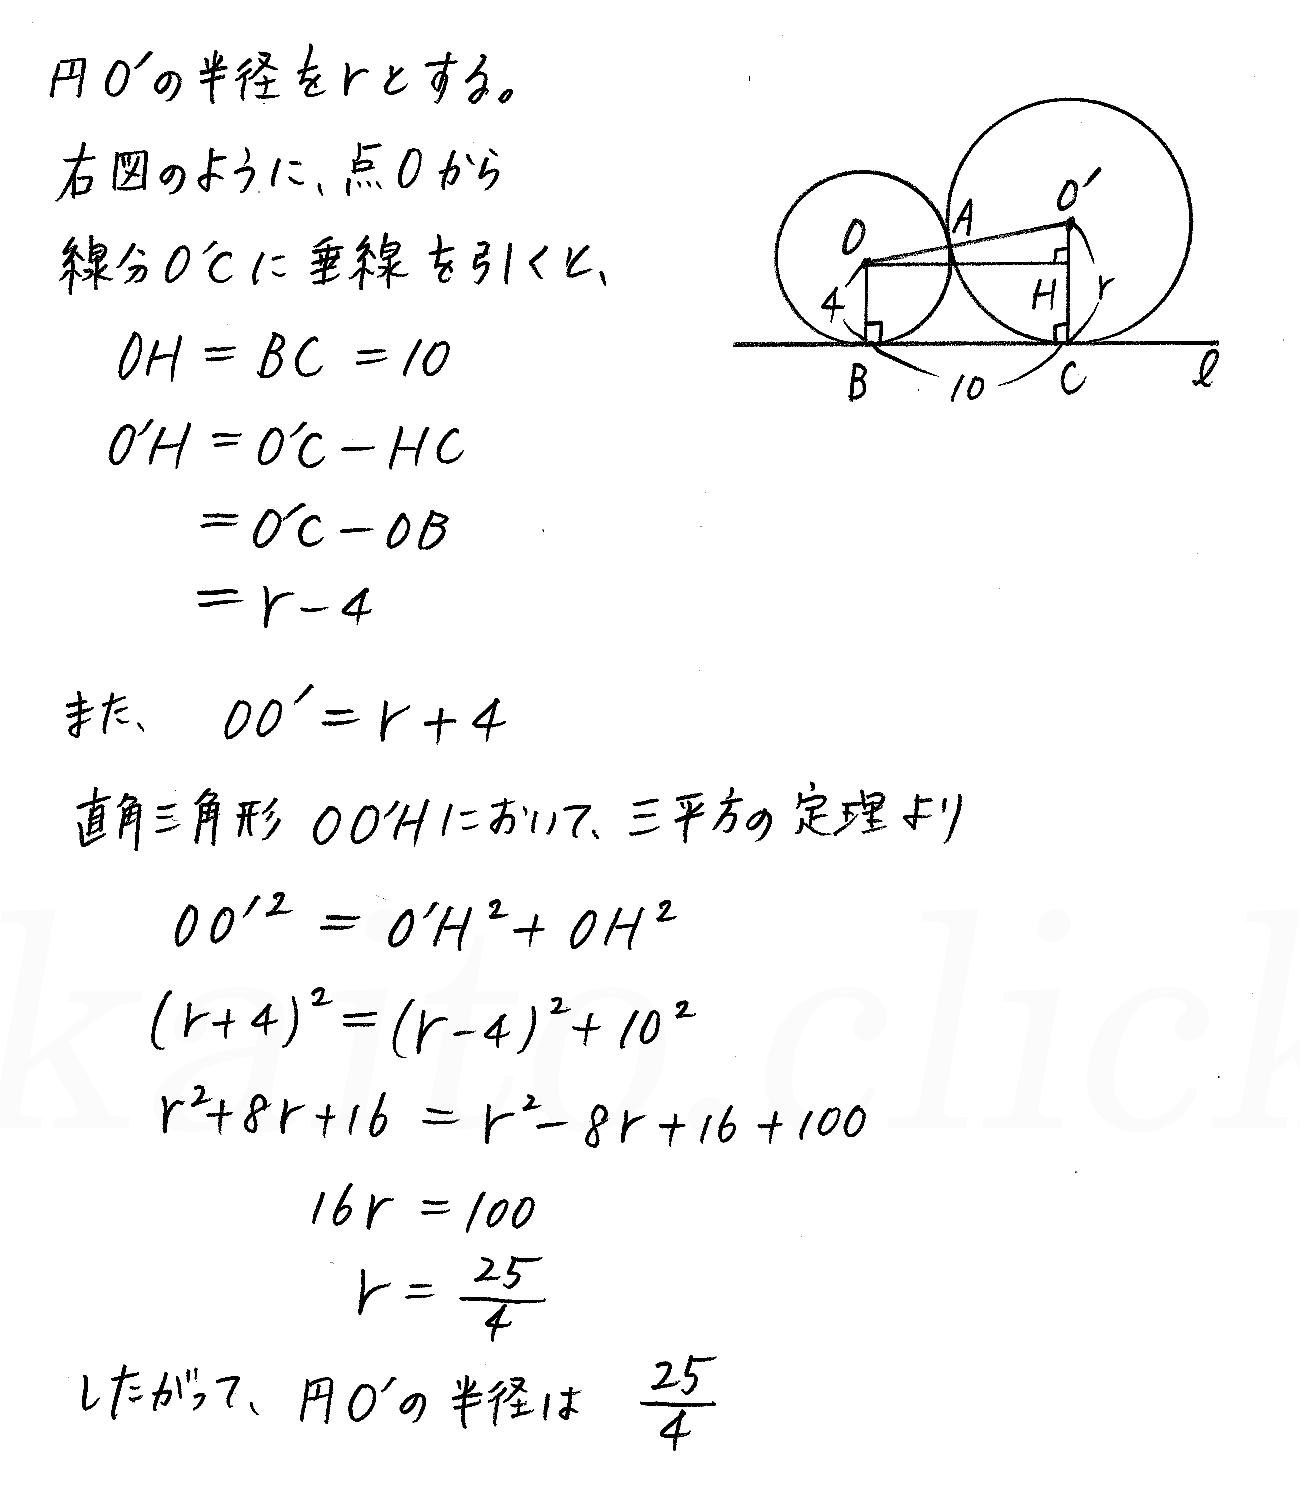 クリアー数学A-189解答